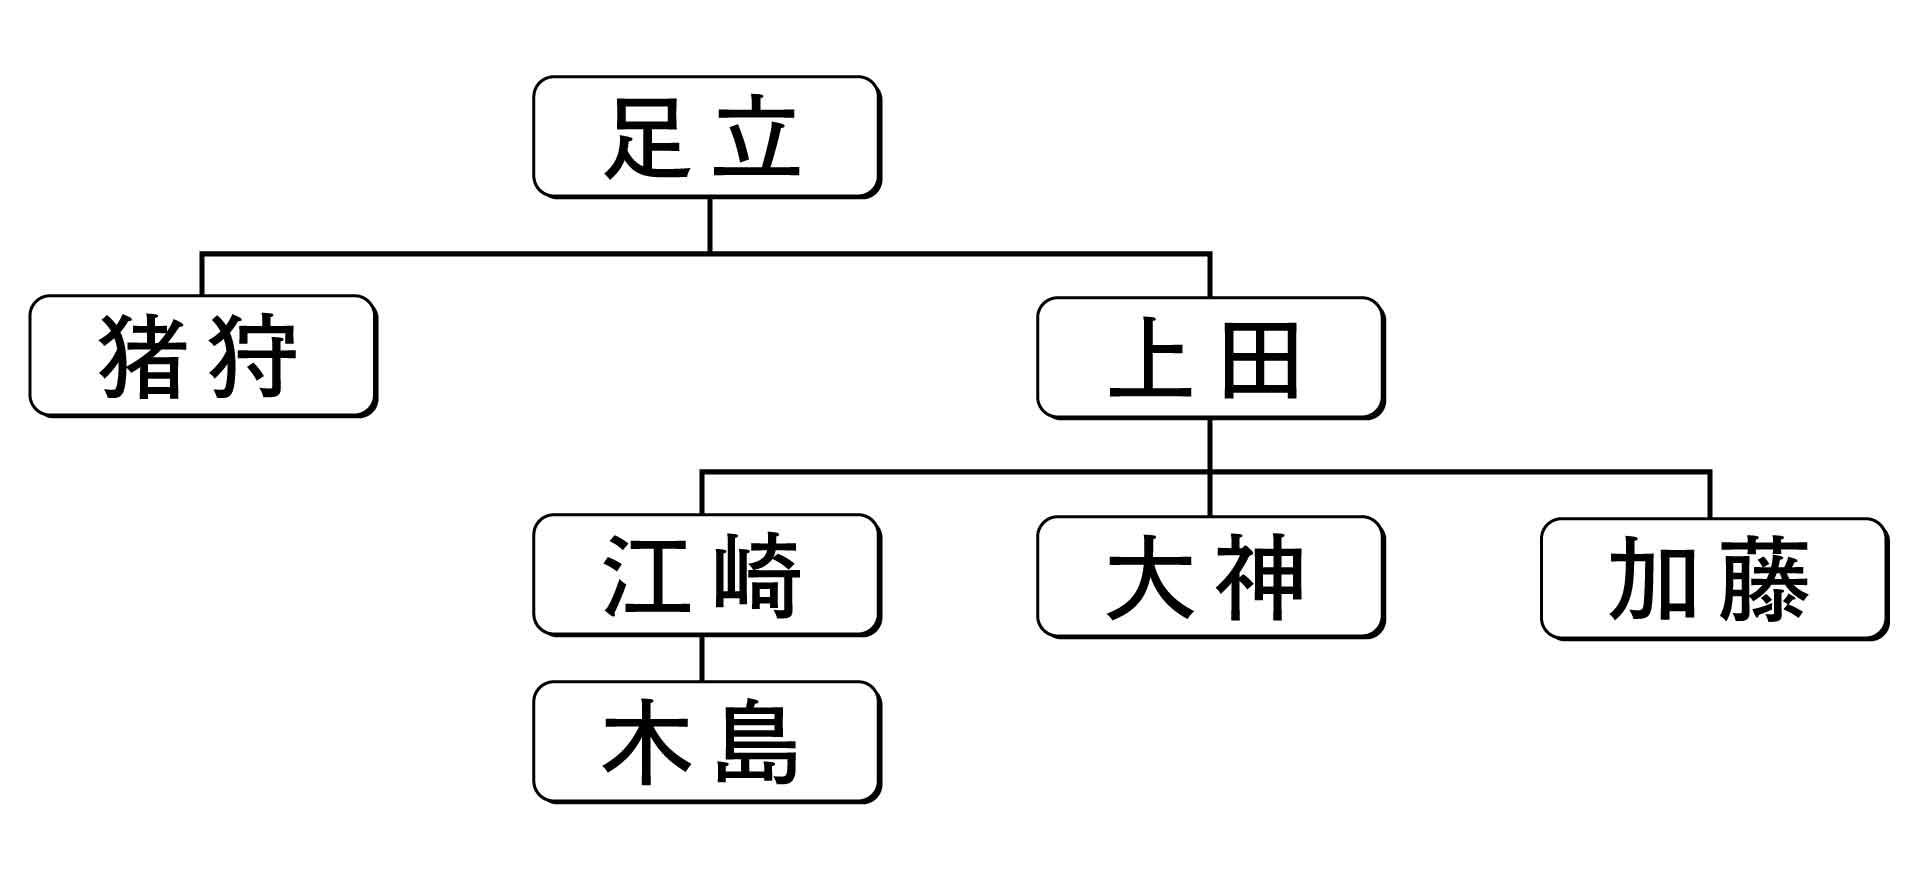 非循環グラフの一種である組織図